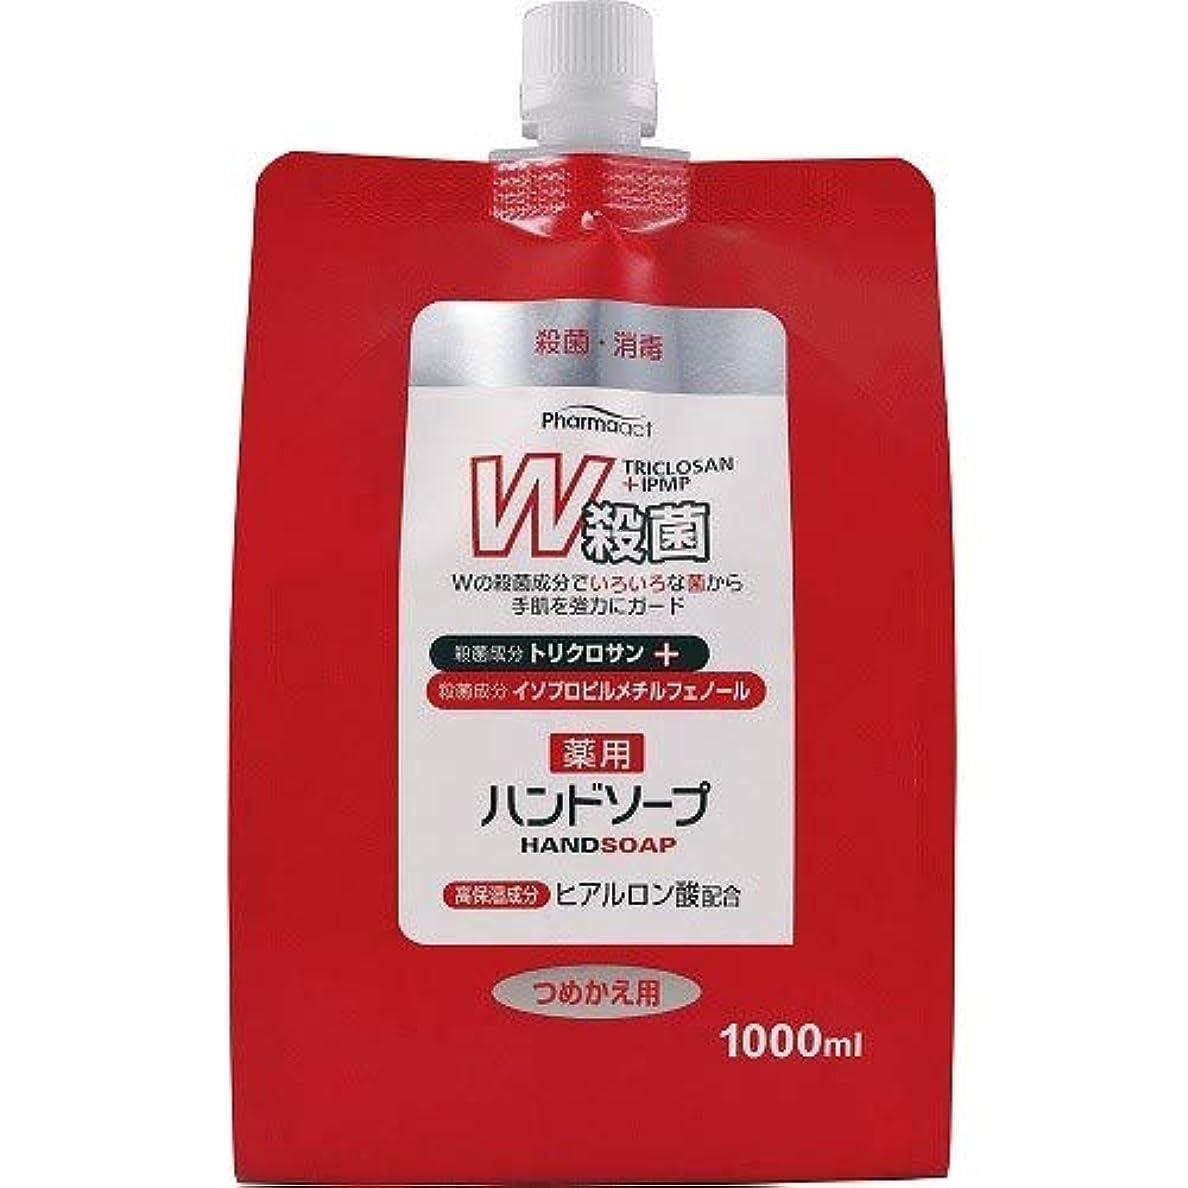 受粉するにぎやか浅いファーマアクト W殺菌薬用ハンドソープ スパウト付き詰替 1000ml